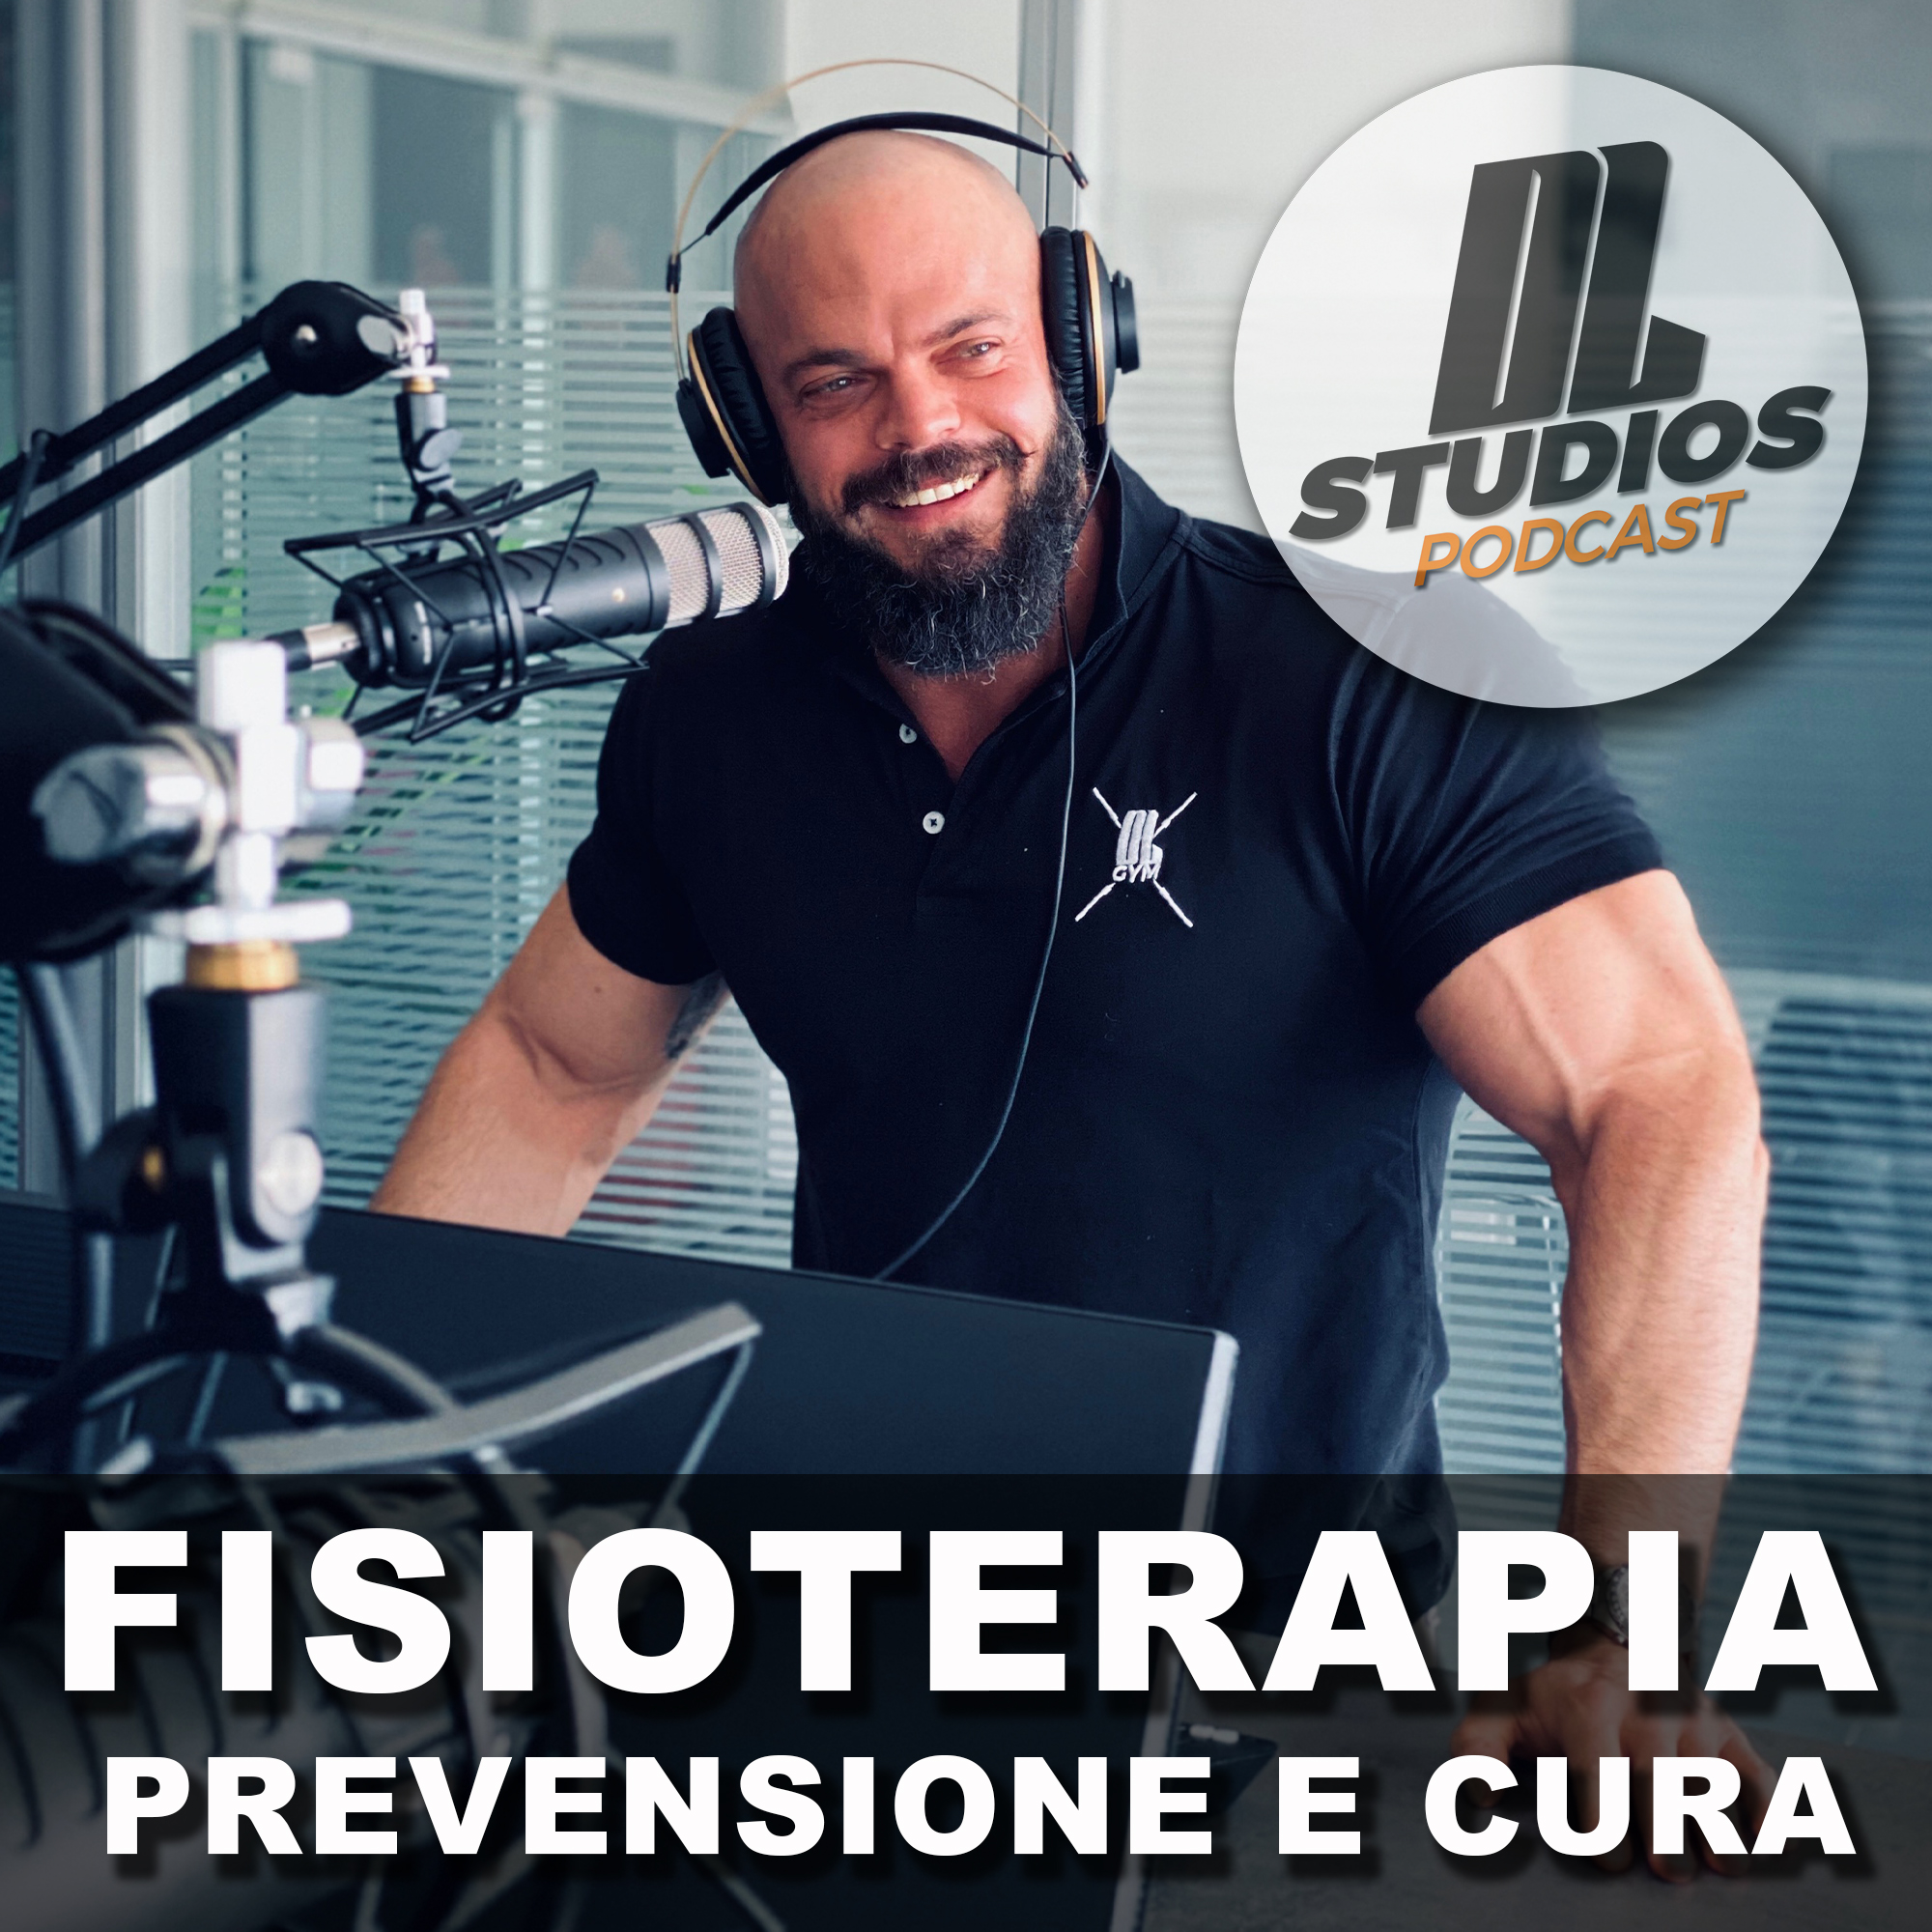 Fisioterapia prevenzione e cura